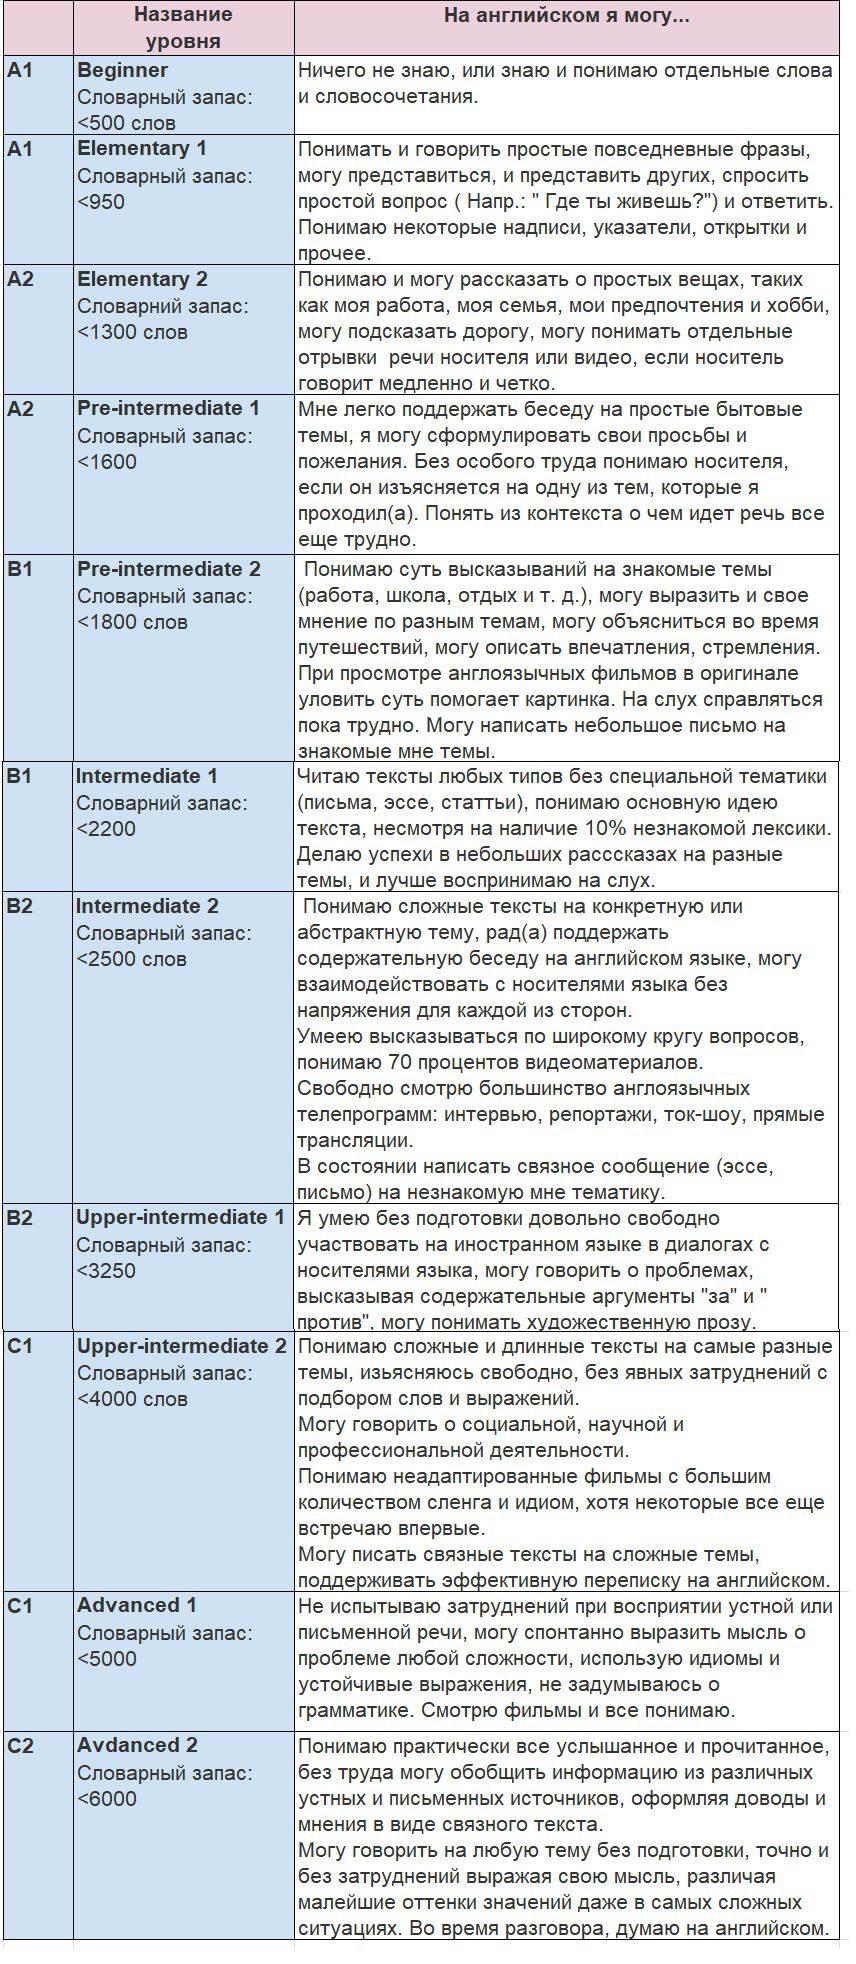 таблица уровней для сайта